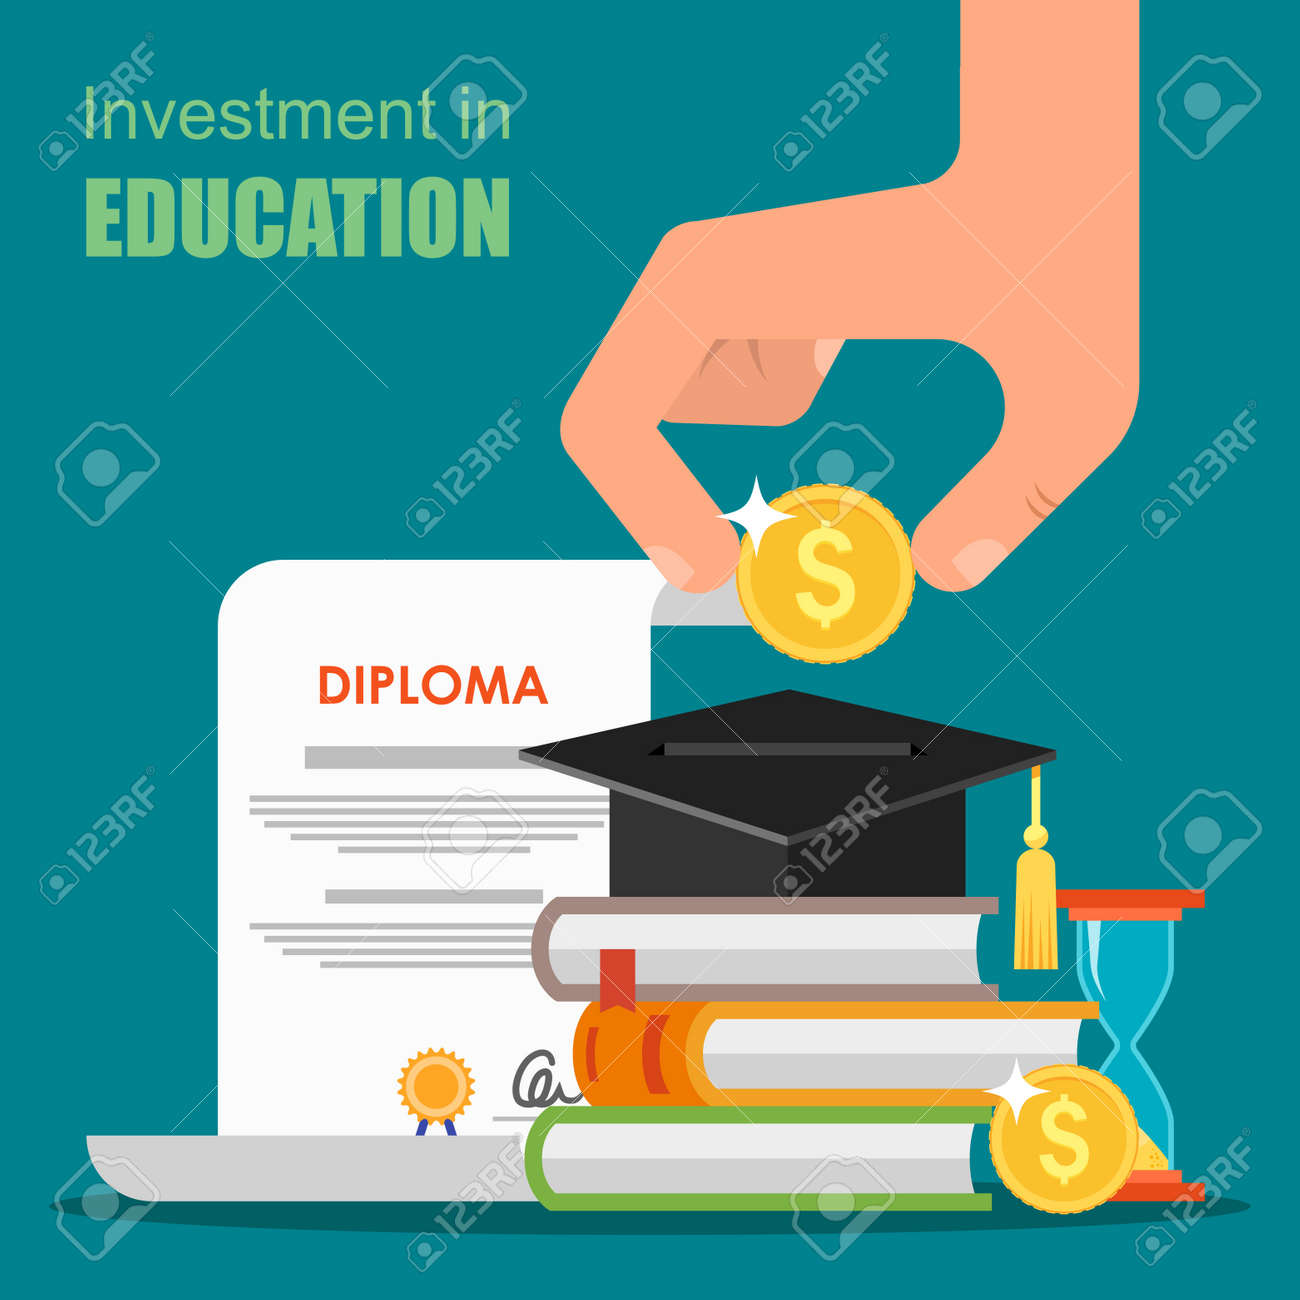 Инвестиции в концепции образования Векторные иллюстрации в стиле  Инвестиции в концепции образования Векторные иллюстрации в стиле плоский дизайн Стопка книг диплом